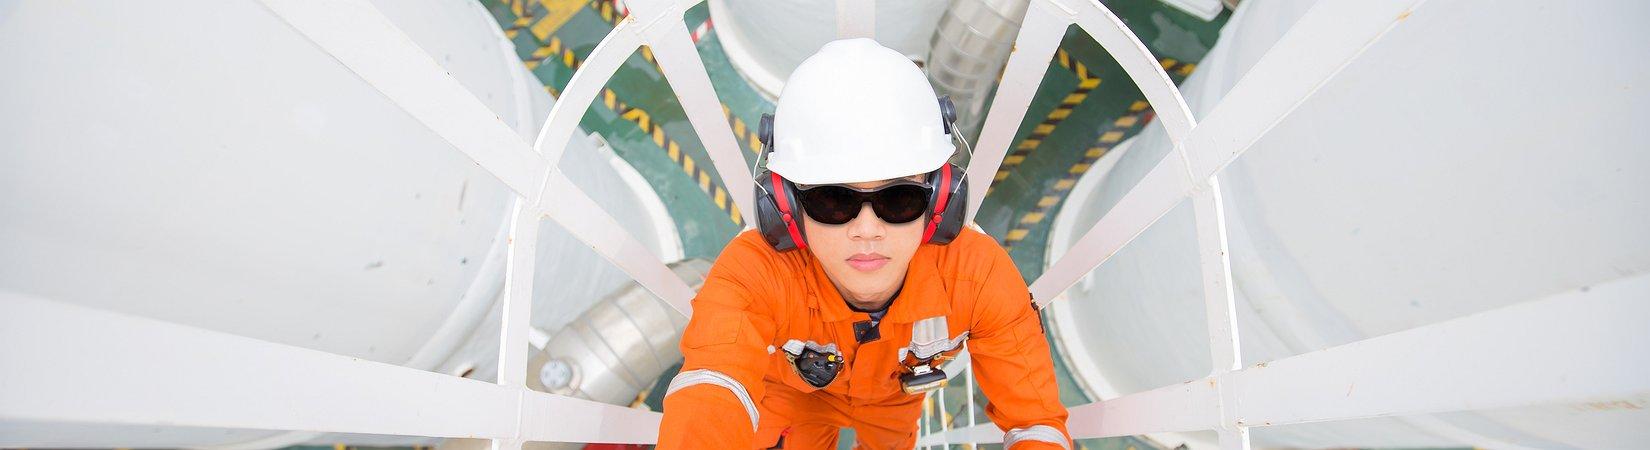 ماذا ينتظر سوق النفط: الصعود أم الهبوط أم الاستقرار